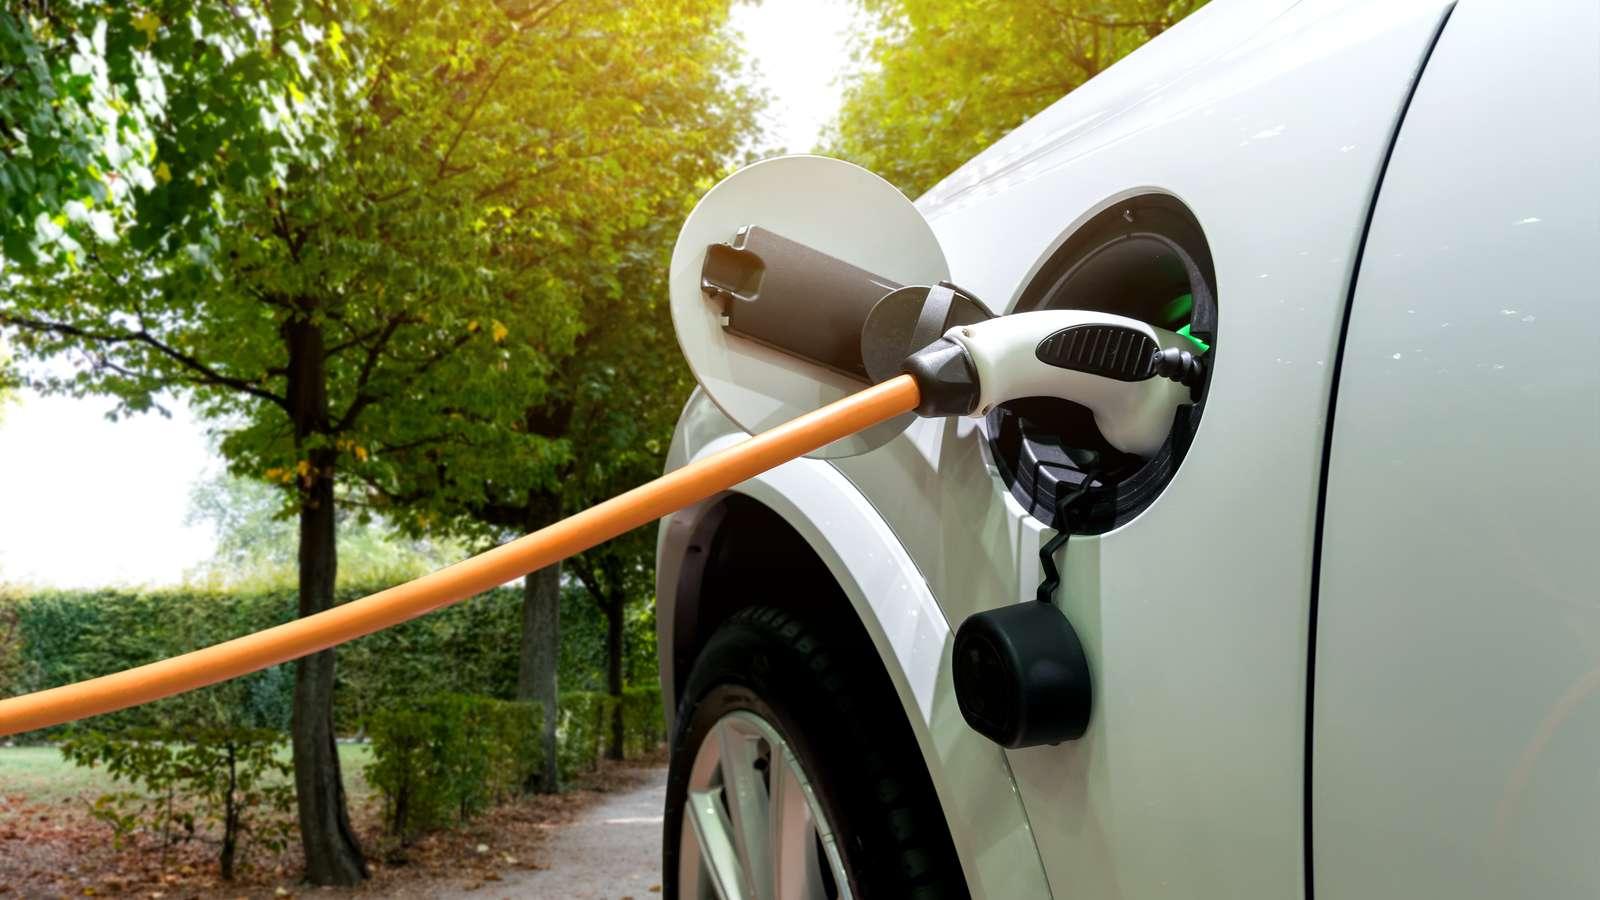 Des voitures électriques rechargées en 10 mn ? C'est pour bientôt, d'après des chercheurs